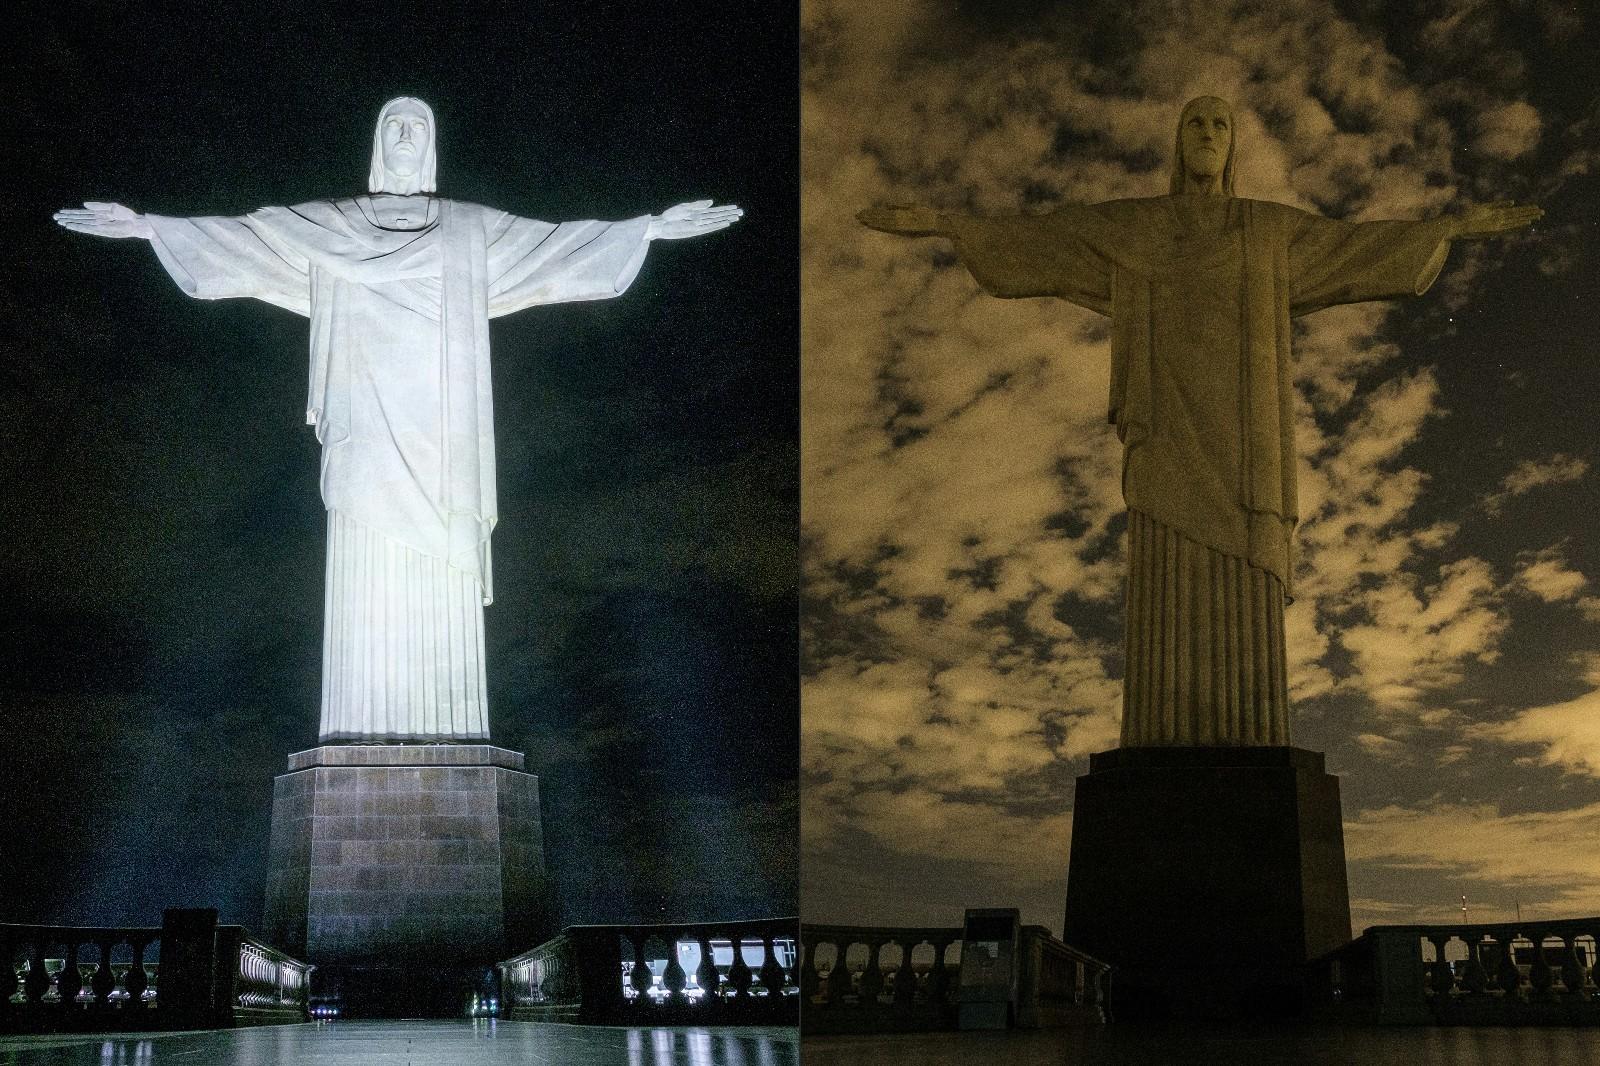 世界各地为地球熄灯一小时:熊猫为法国埃菲尔铁塔熄灯